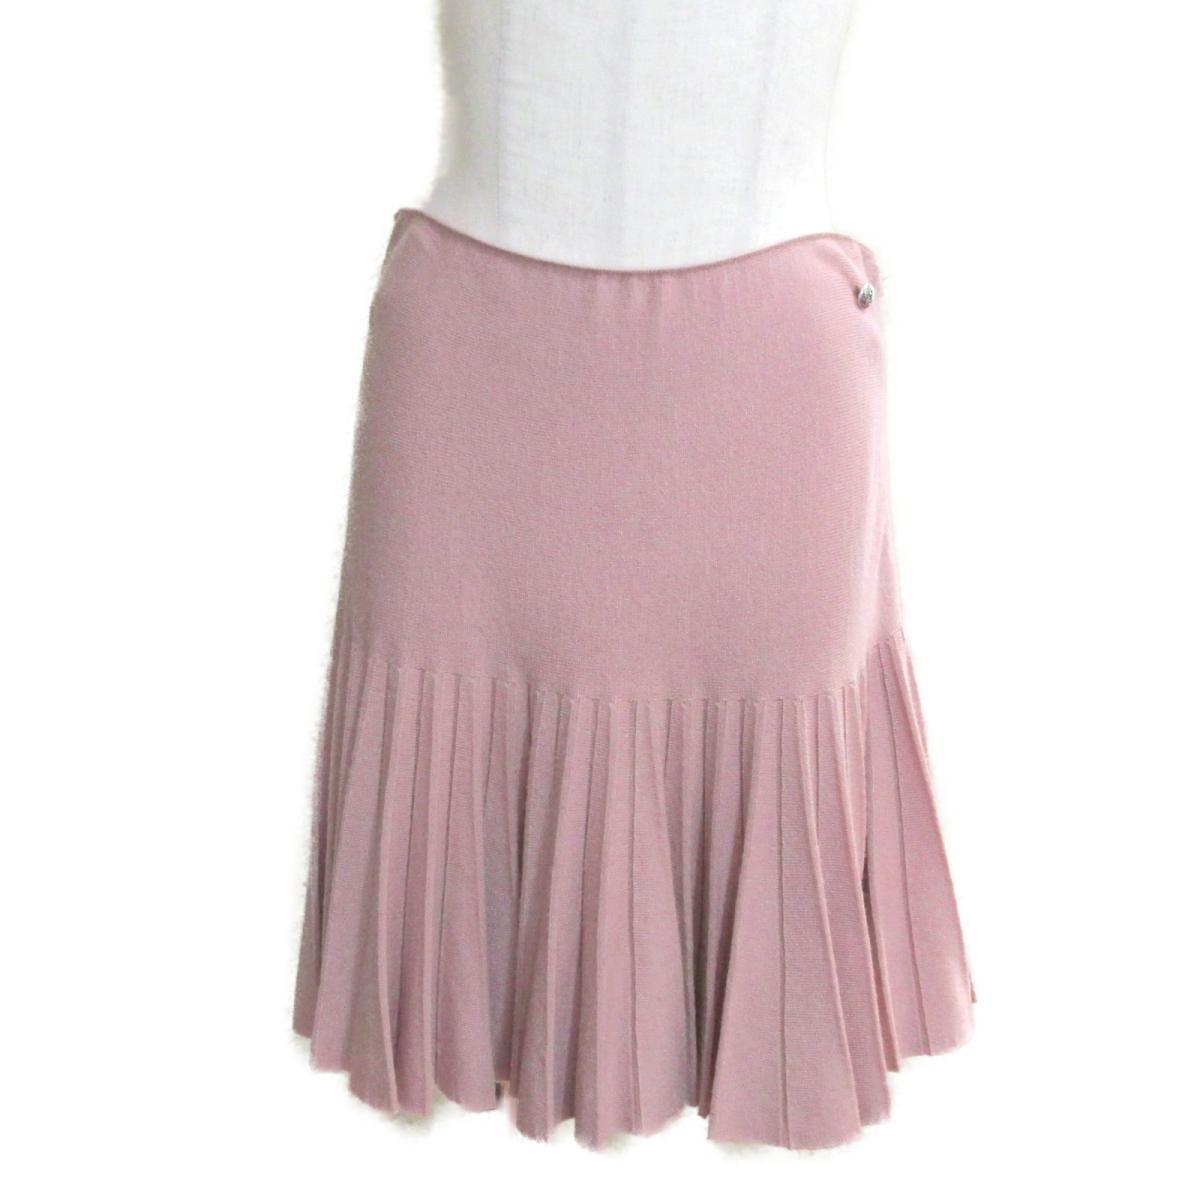 【中古】 シャネル スカート レディース 90%ウール 10%カシミア ピンク (P47177K05960)   CHANEL BRANDOFF ブランドオフ 衣料品 衣類 ブランド ボトムス